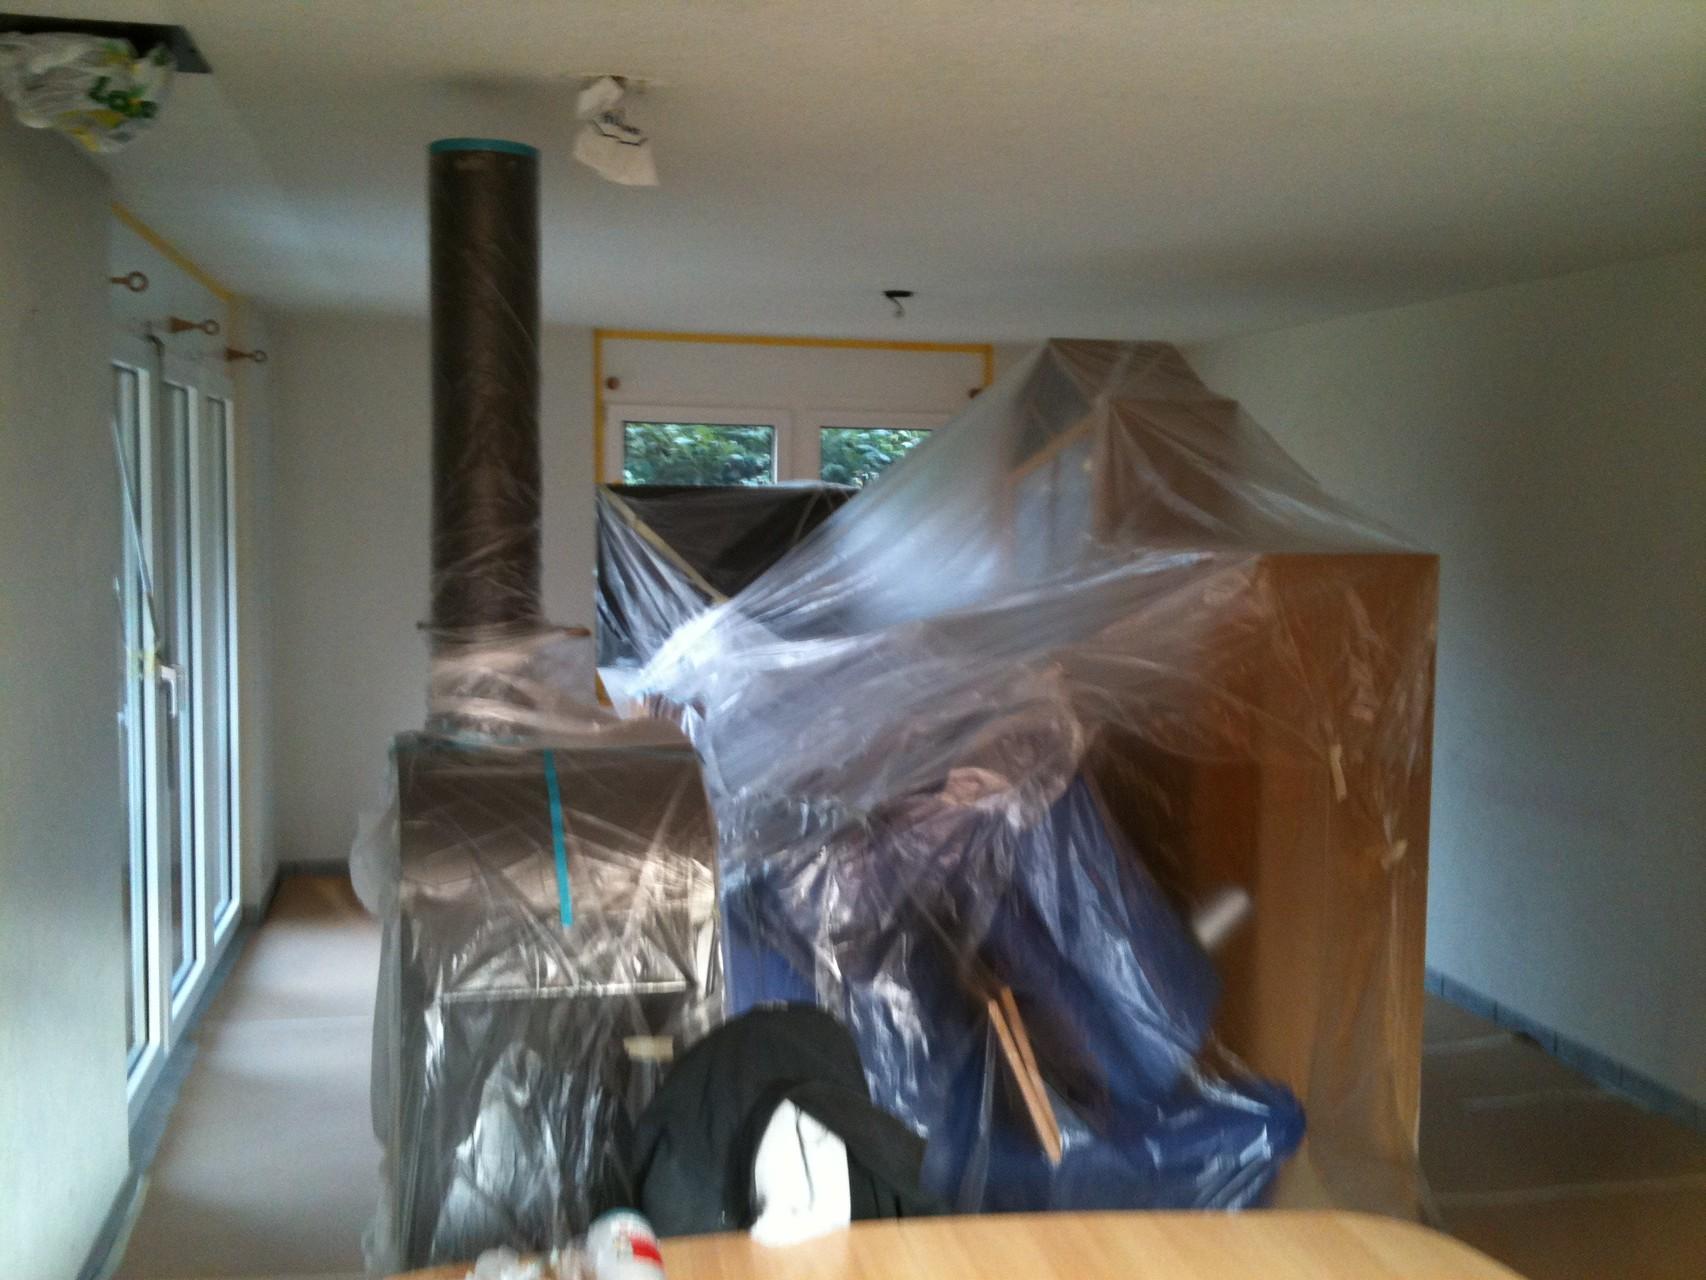 Für saubere Malerarbeiten sind gute Abdeckarbeiten und die richtige Wahl der Gerätschaften die halbe Arbeit.